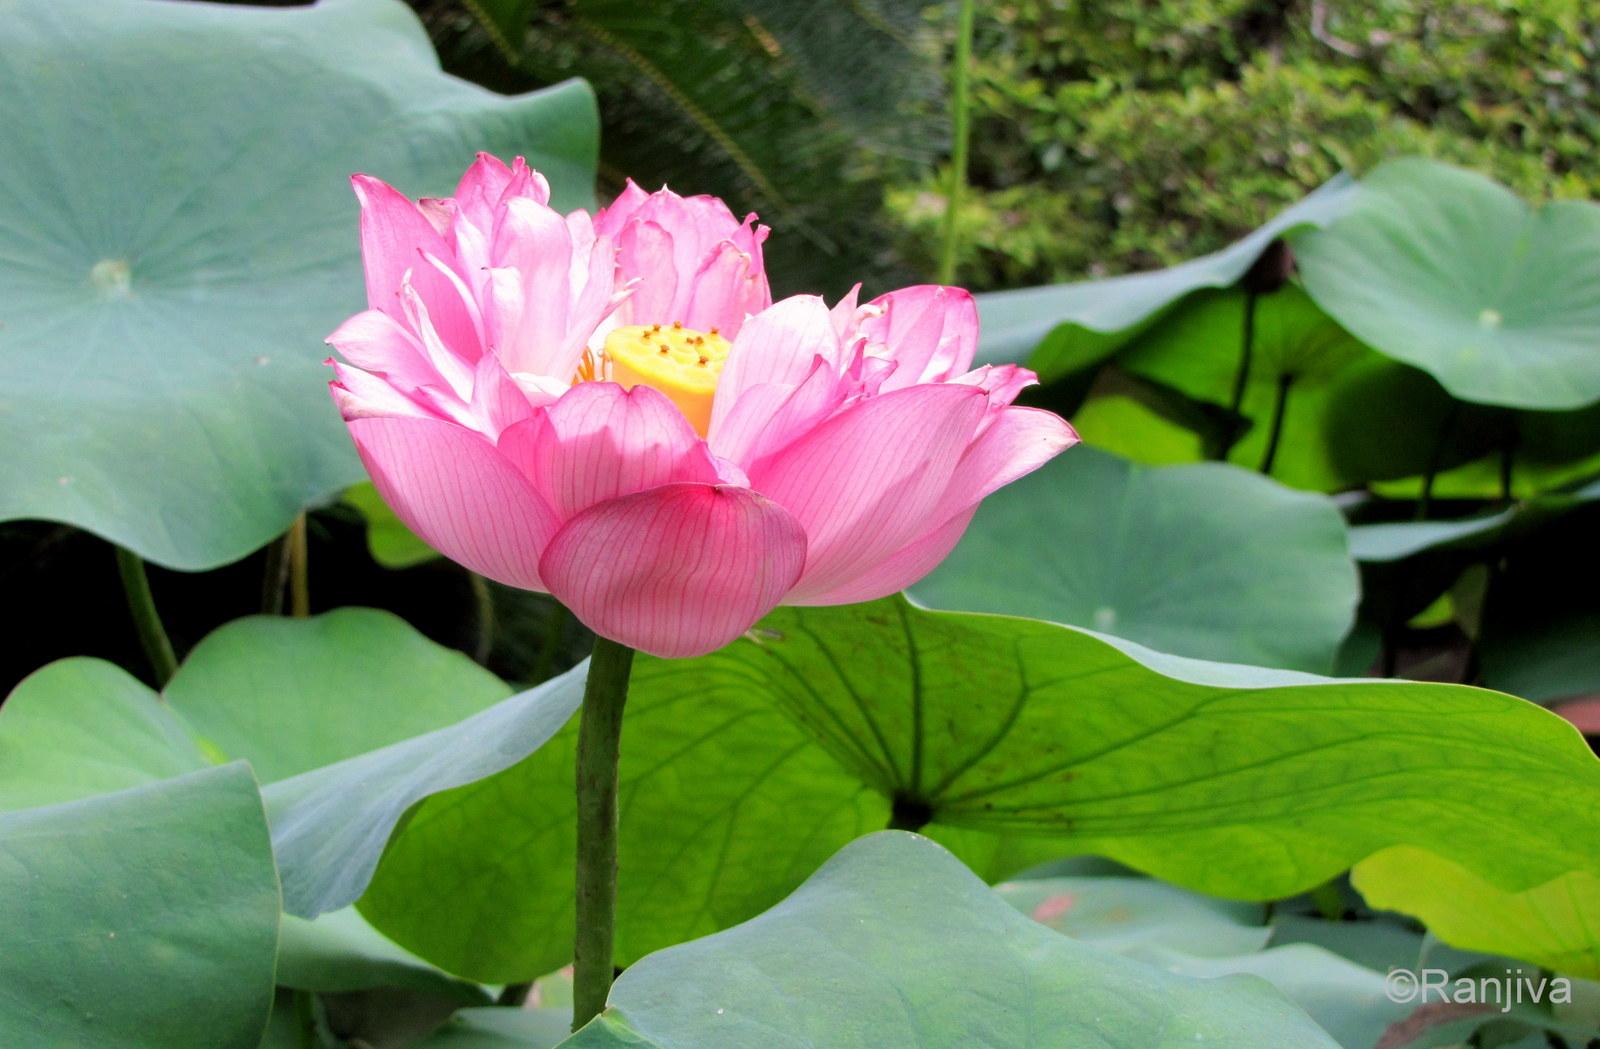 Le Lotus Une Fleur Enchanteresse Paysages Et Fleurs Au Fil De L Eau